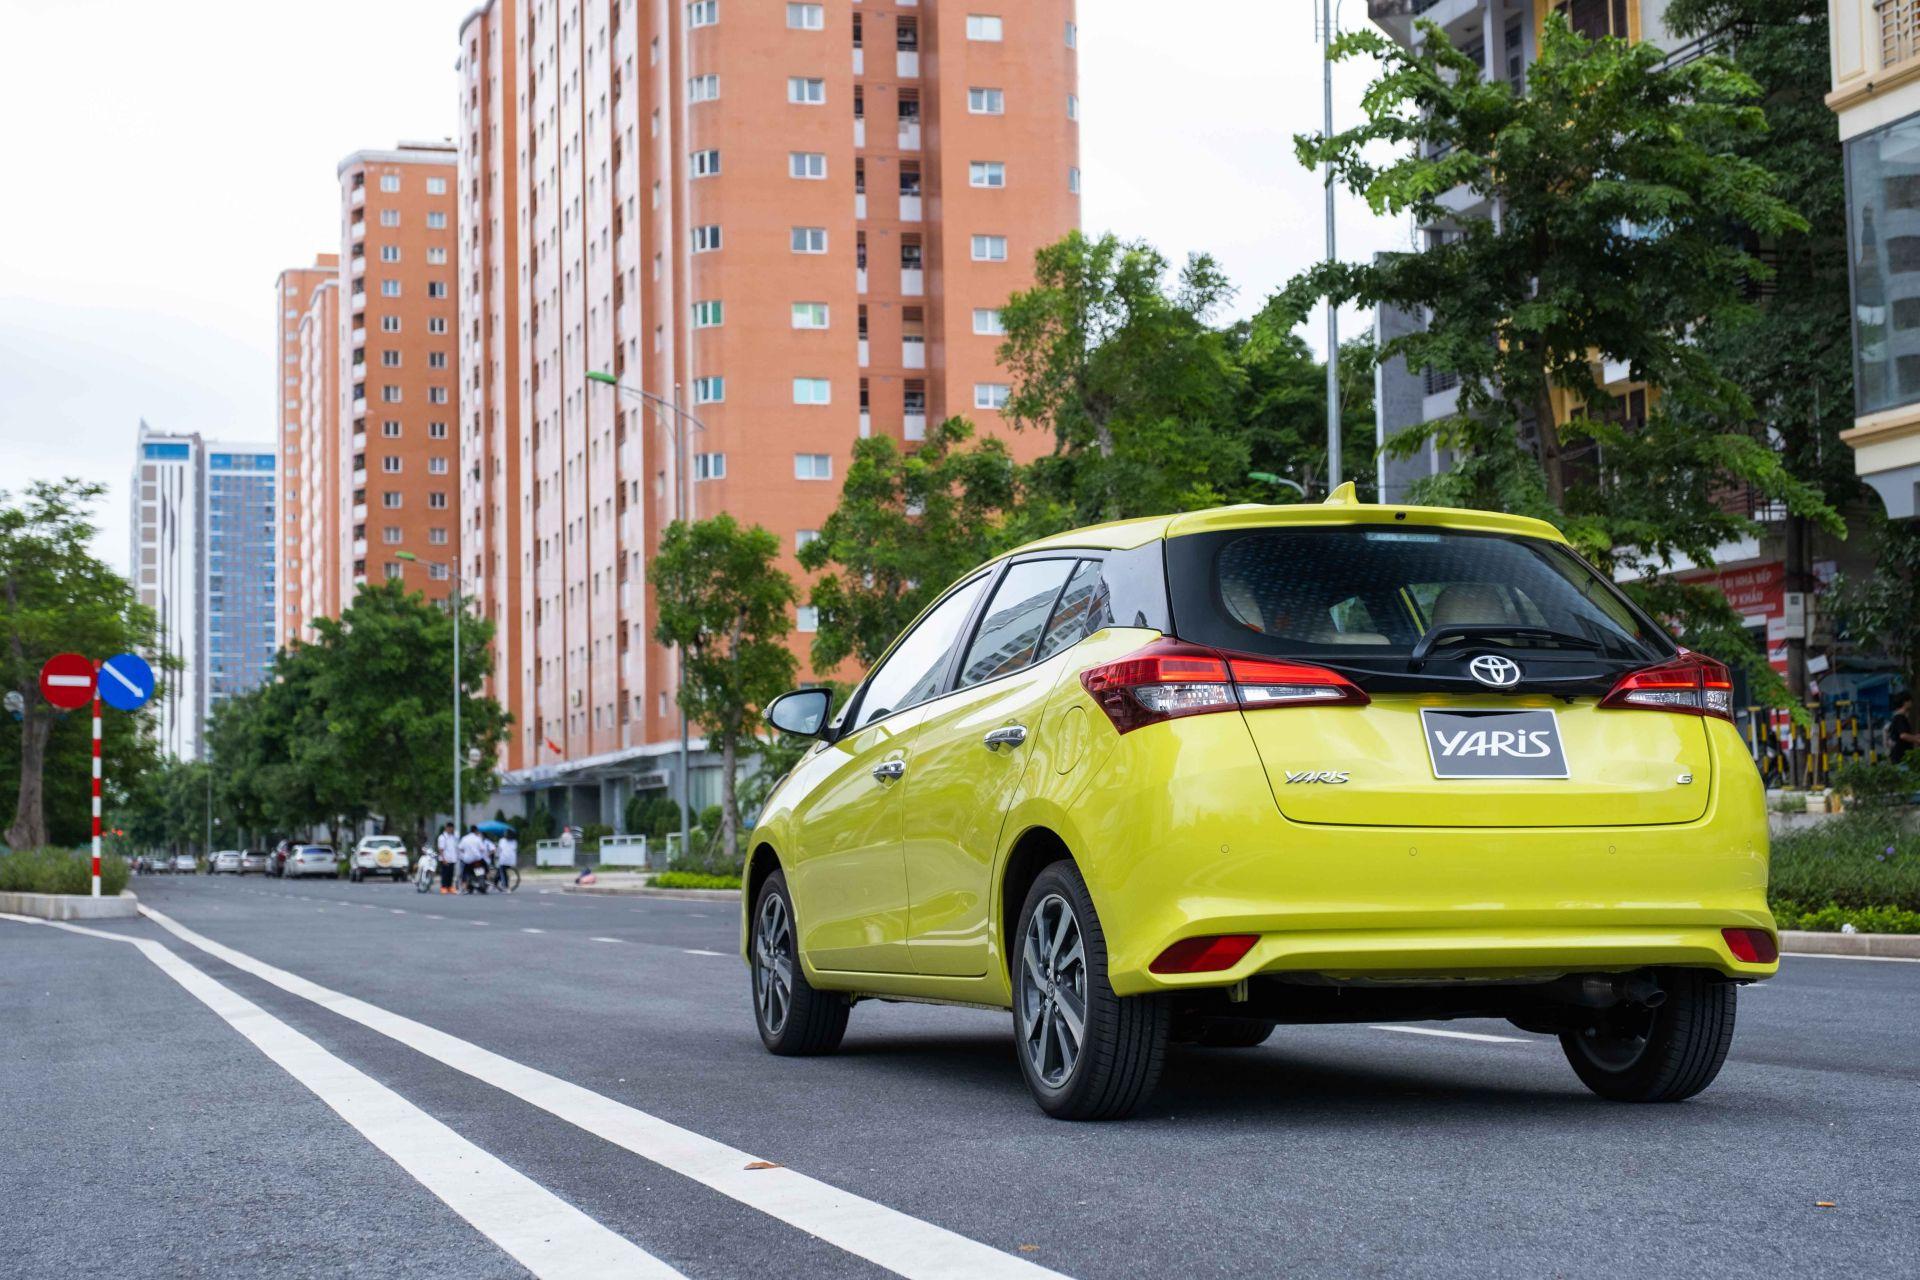 Toyota Yaris nâng cấp mới chính thức cập bến Việt Nam, giá tăng 18 triệu đồng -2